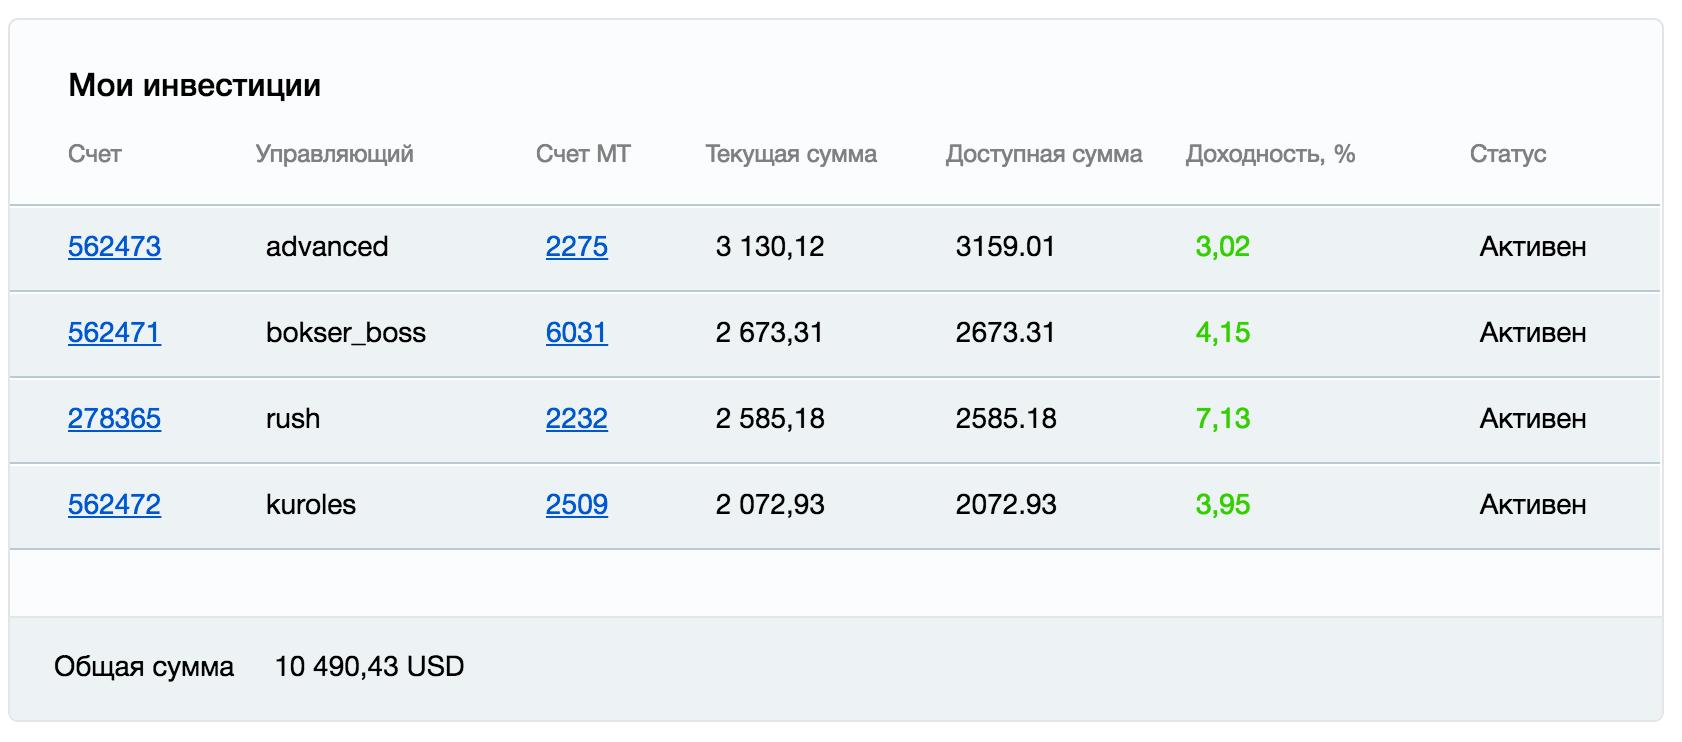 Инвестиции в ПАММ-счета у PrivateFX